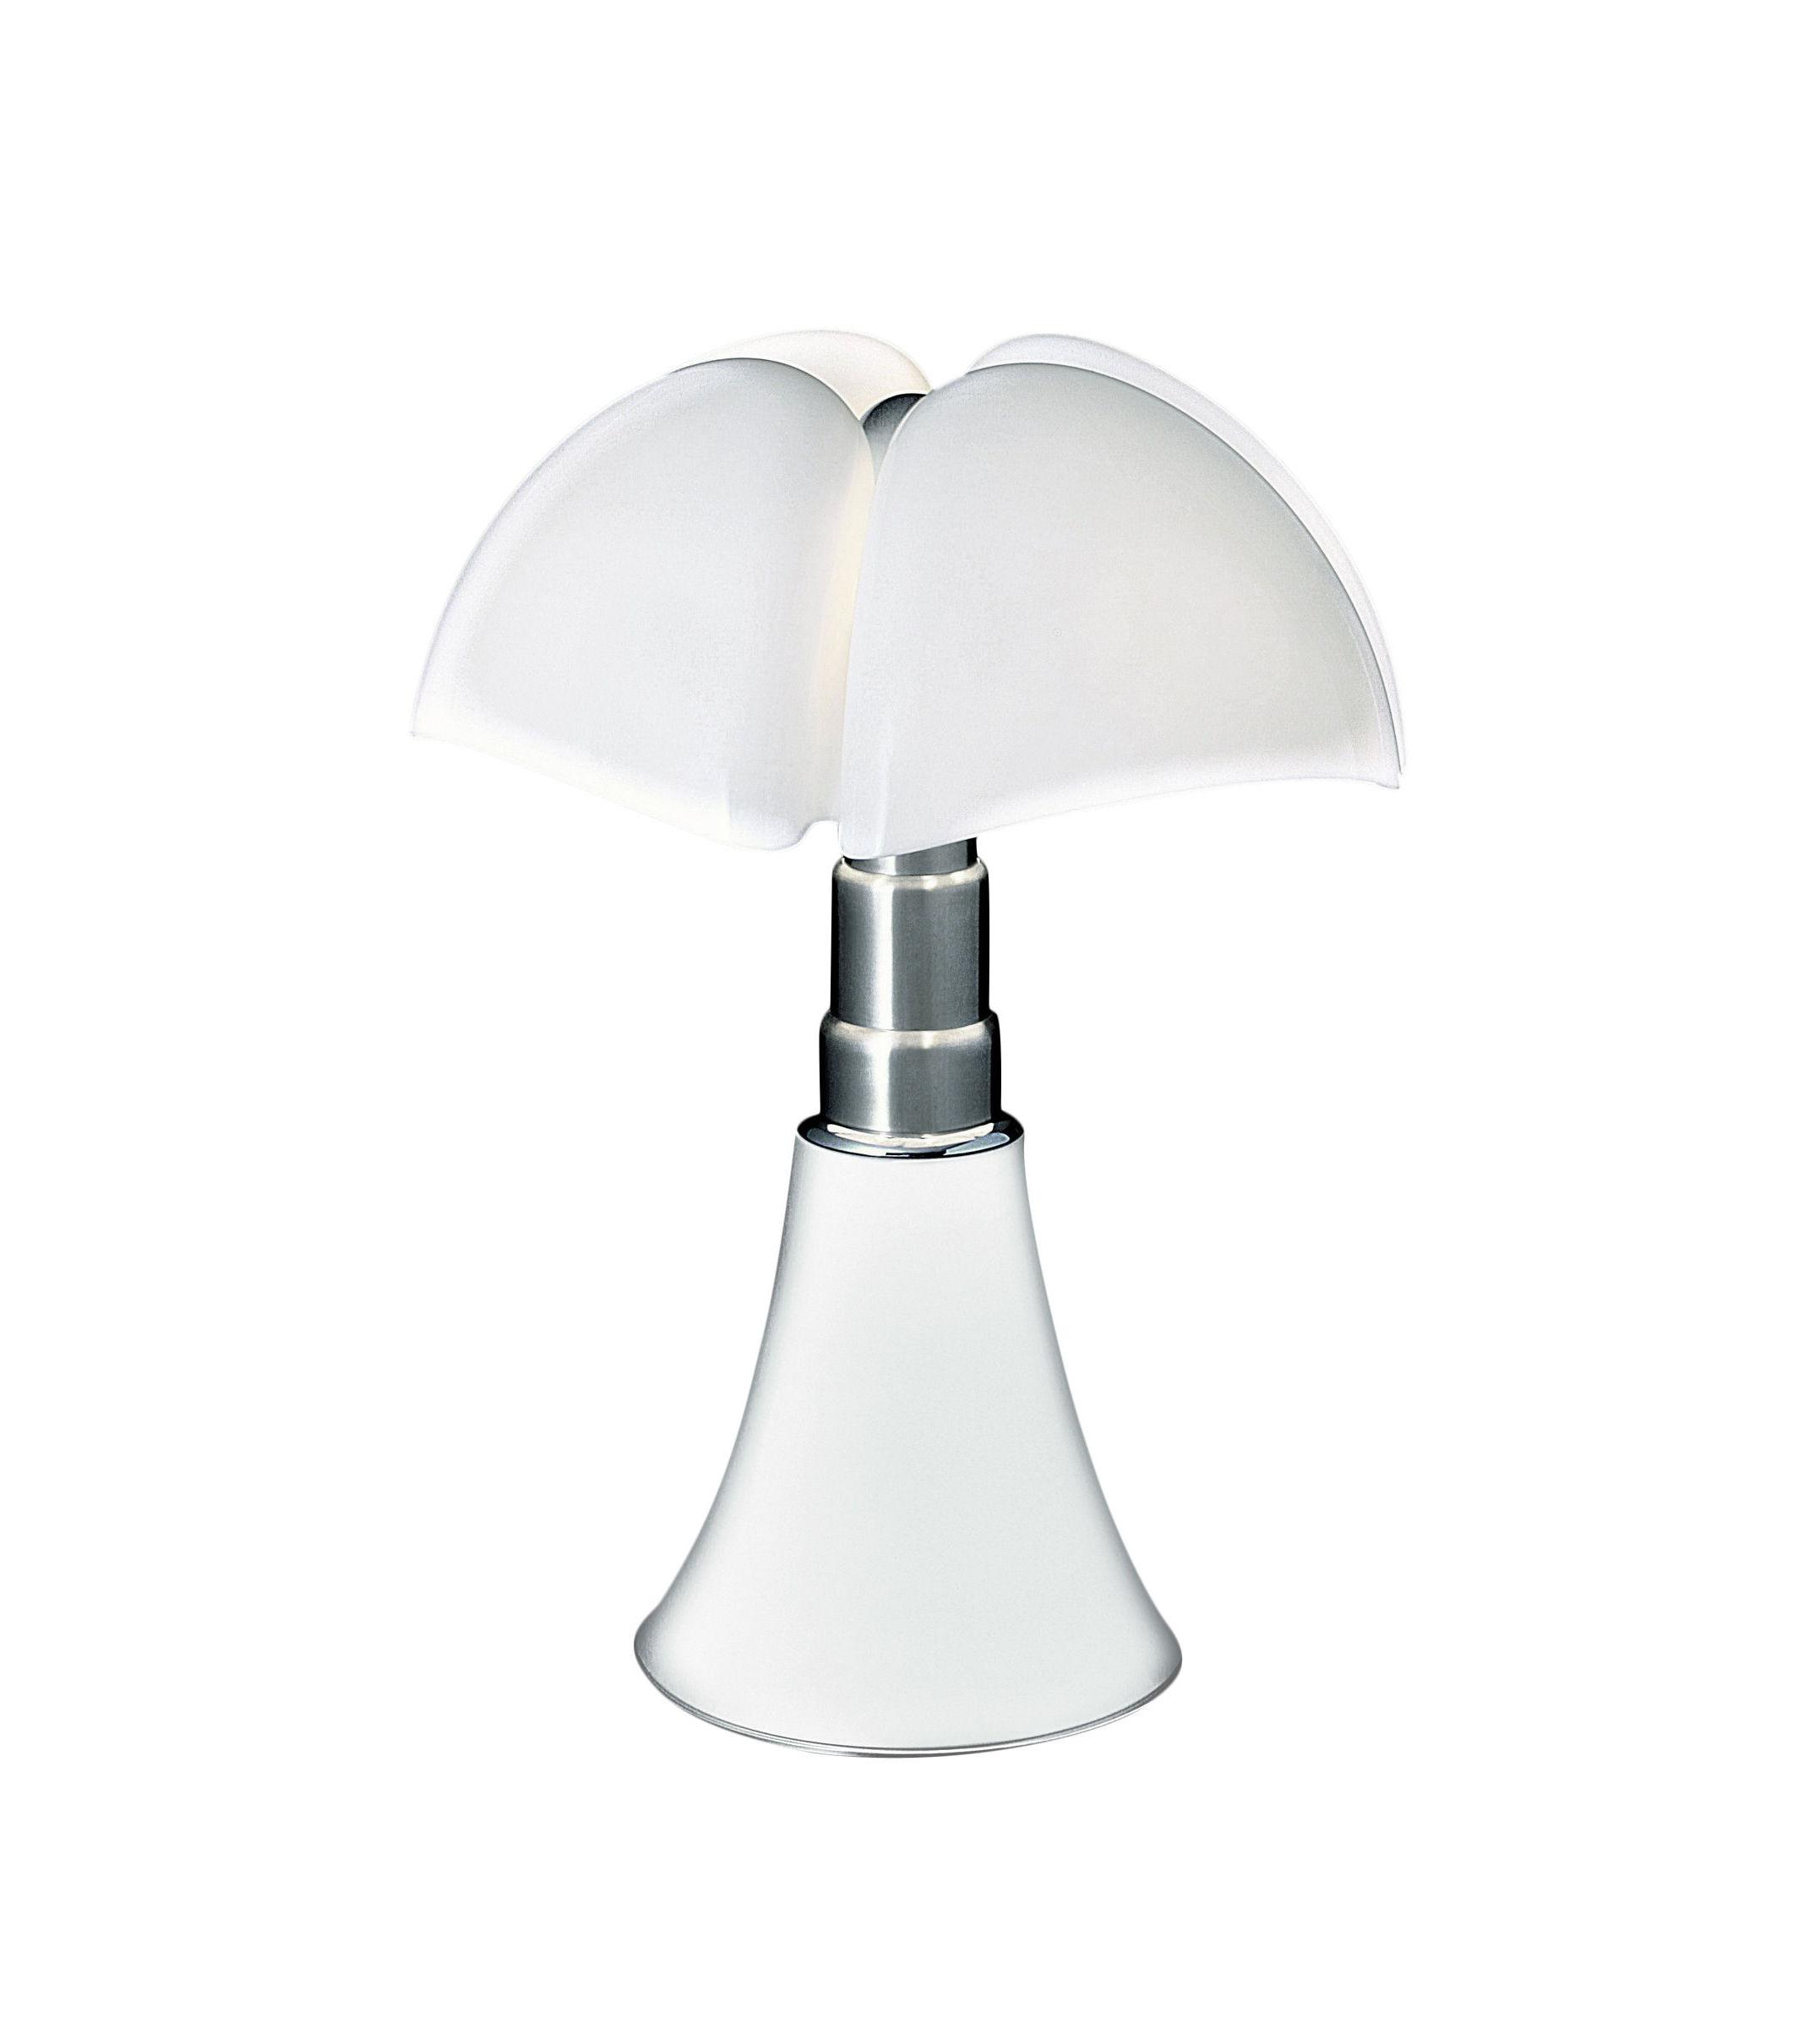 Luminaire - Lampes de table - Lampe de table Minipipistrello LED / H 35 cm - Martinelli Luce - Blanc / Abat-jour blanc - Acier galvanisé, Aluminium laqué, Méthacrylate opalin